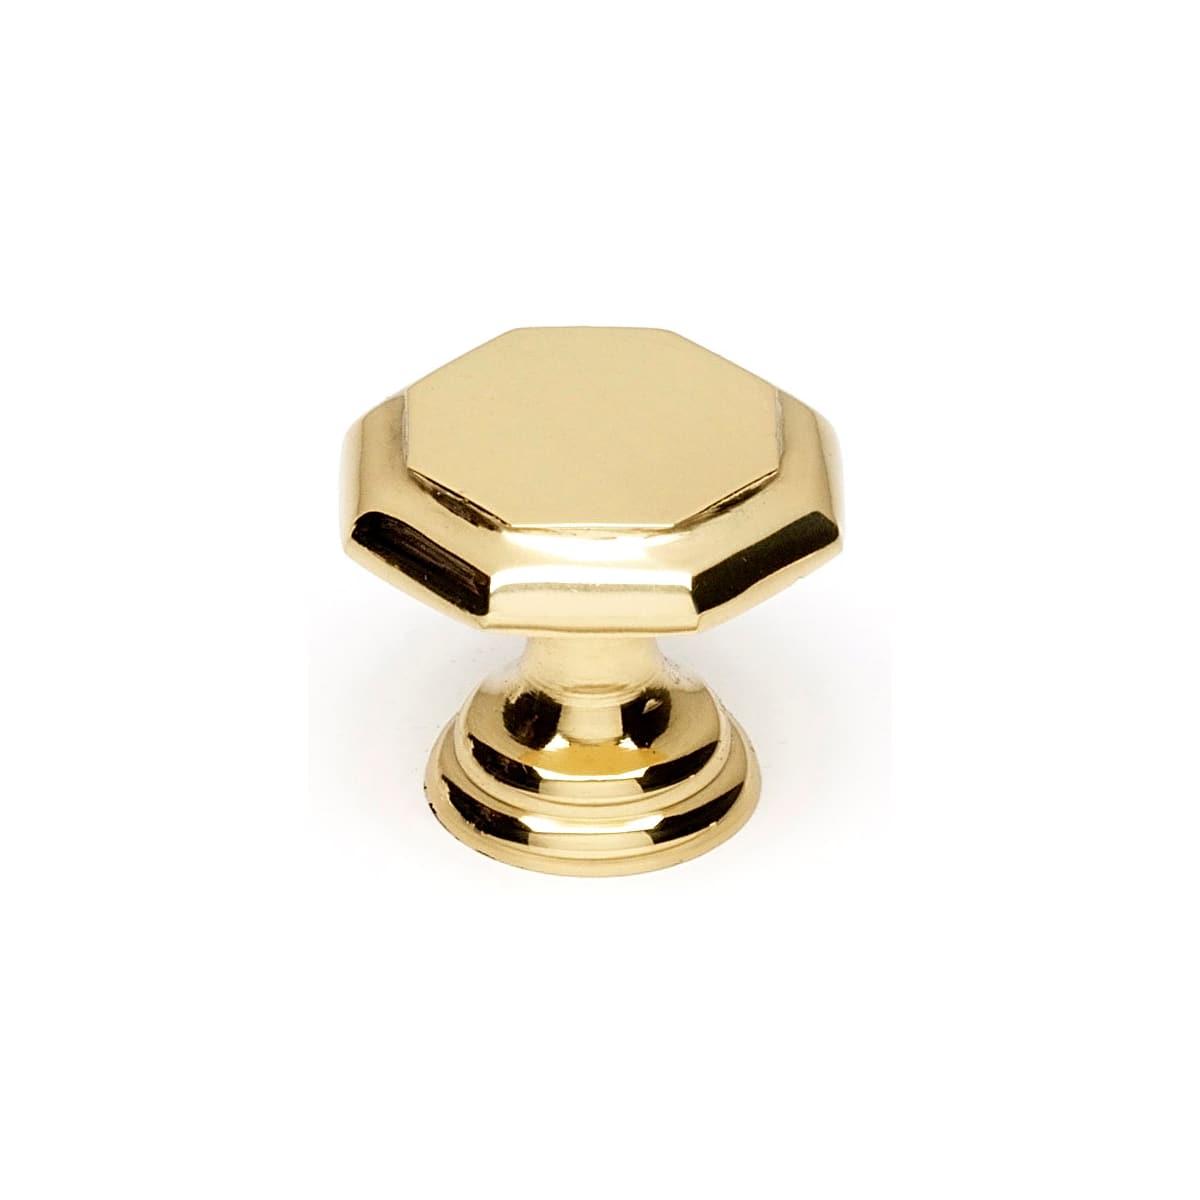 Alno Contemporary 1-1/8 Inch Geometric Cabinet Knob